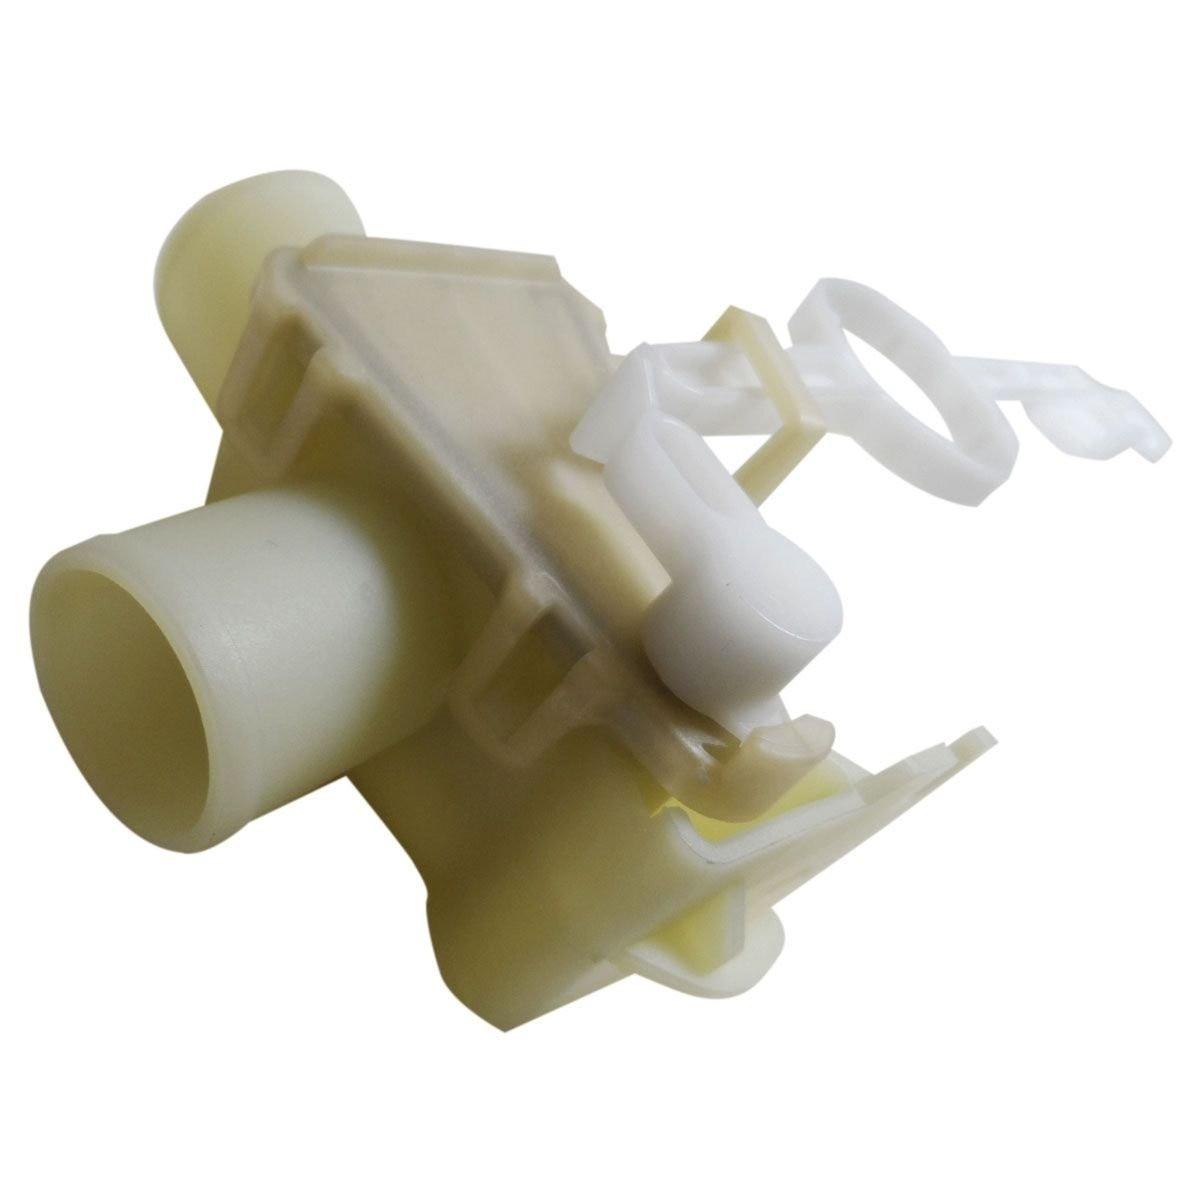 Foto2 - Válvula Direcionadora Fluxo Lavadora Electrolux - Emicol